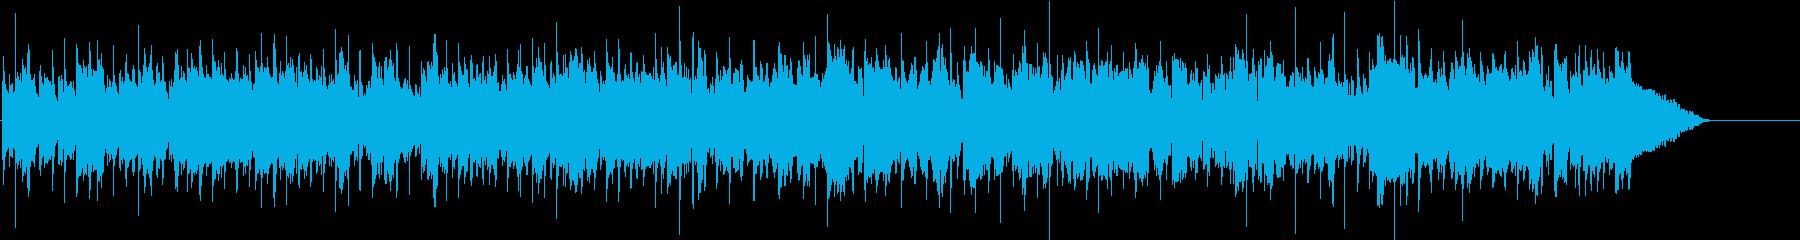 ほのぼのとしたチェロとカントリーバンドの再生済みの波形